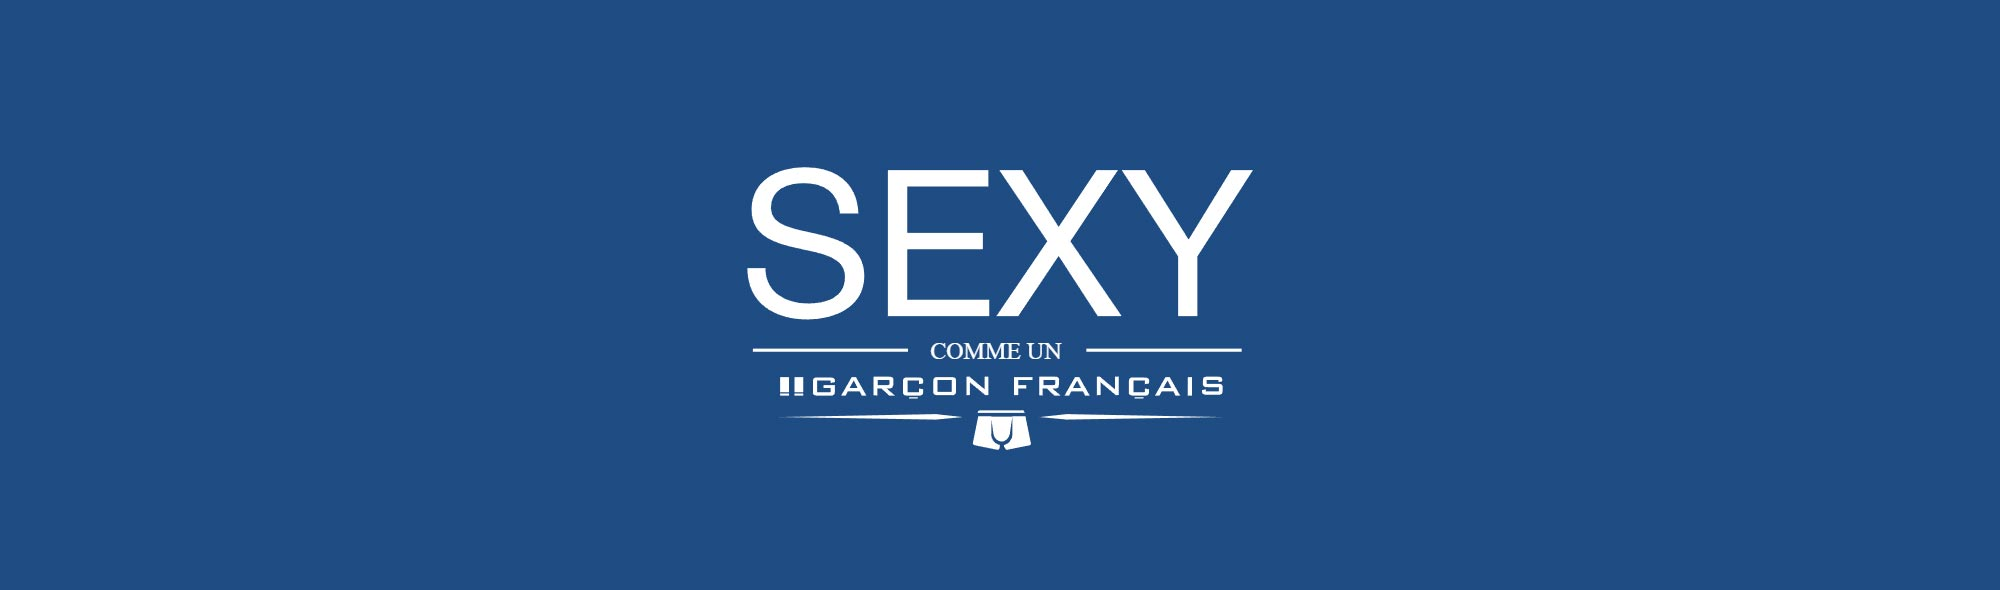 ikadia_garcon-francais_fond4.jpg